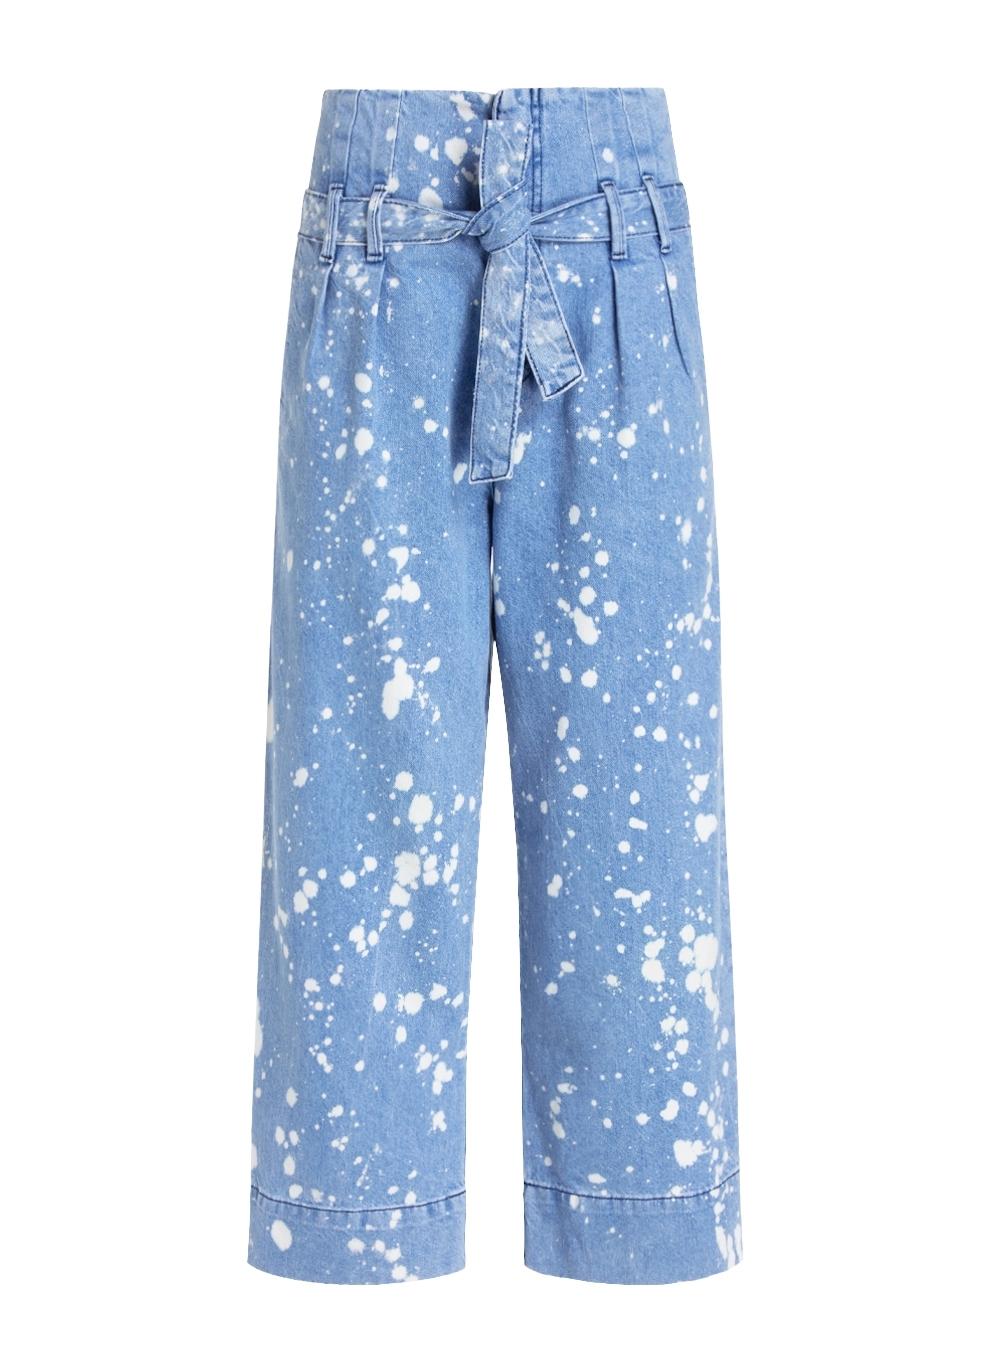 Calça Bo.bô Giovana Acid Wash Feminina (Jeans Claro, 34)